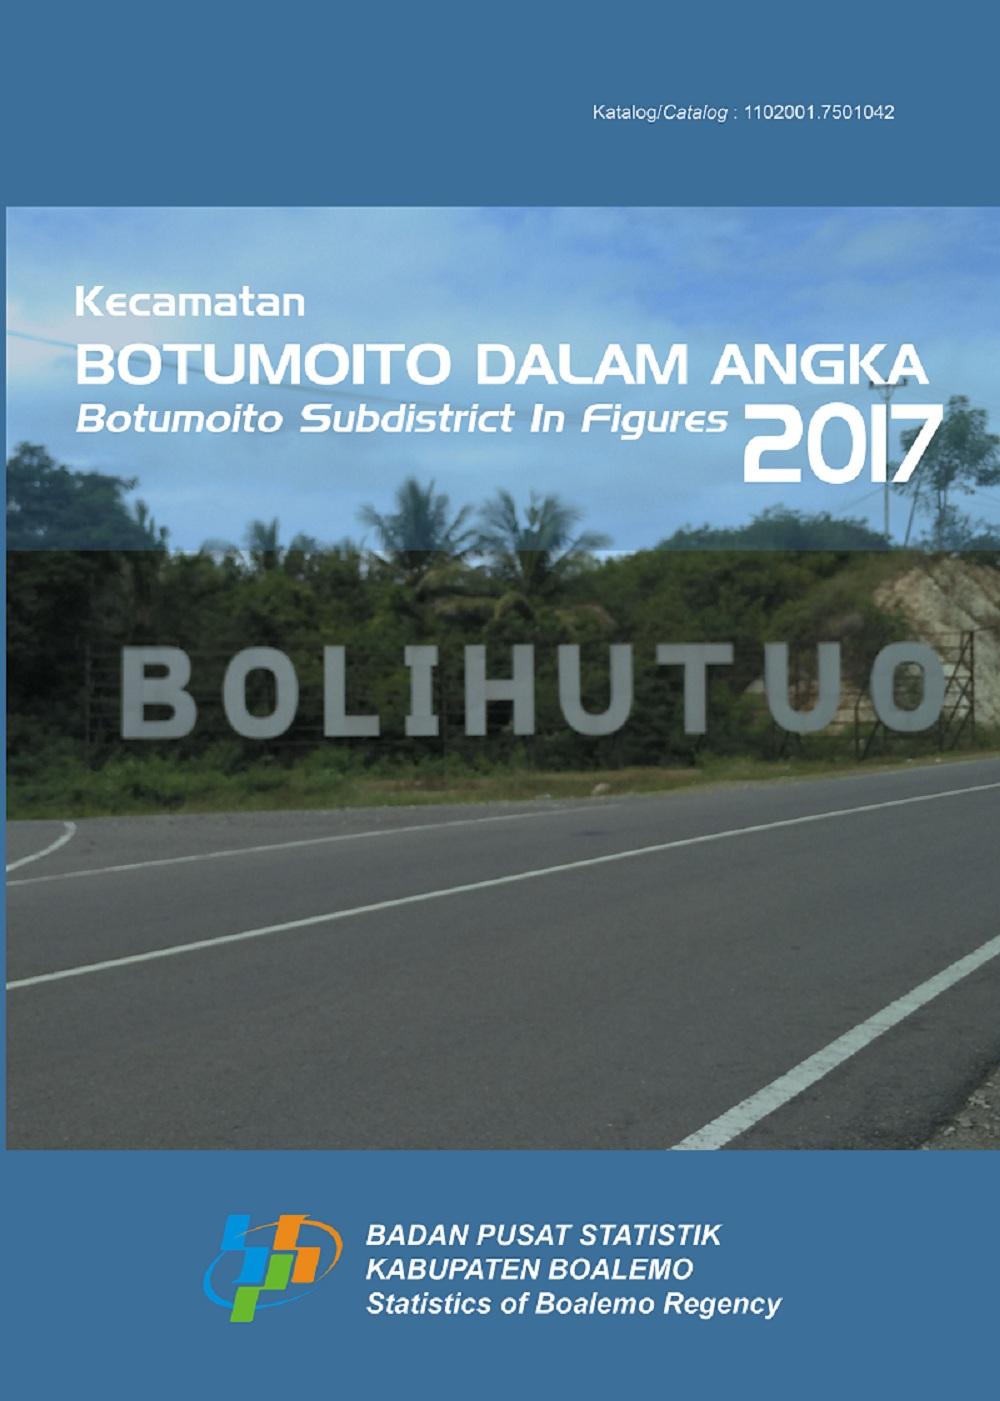 Badan Pusat Statistik Images Pantai Mananggu Kab Boalemo